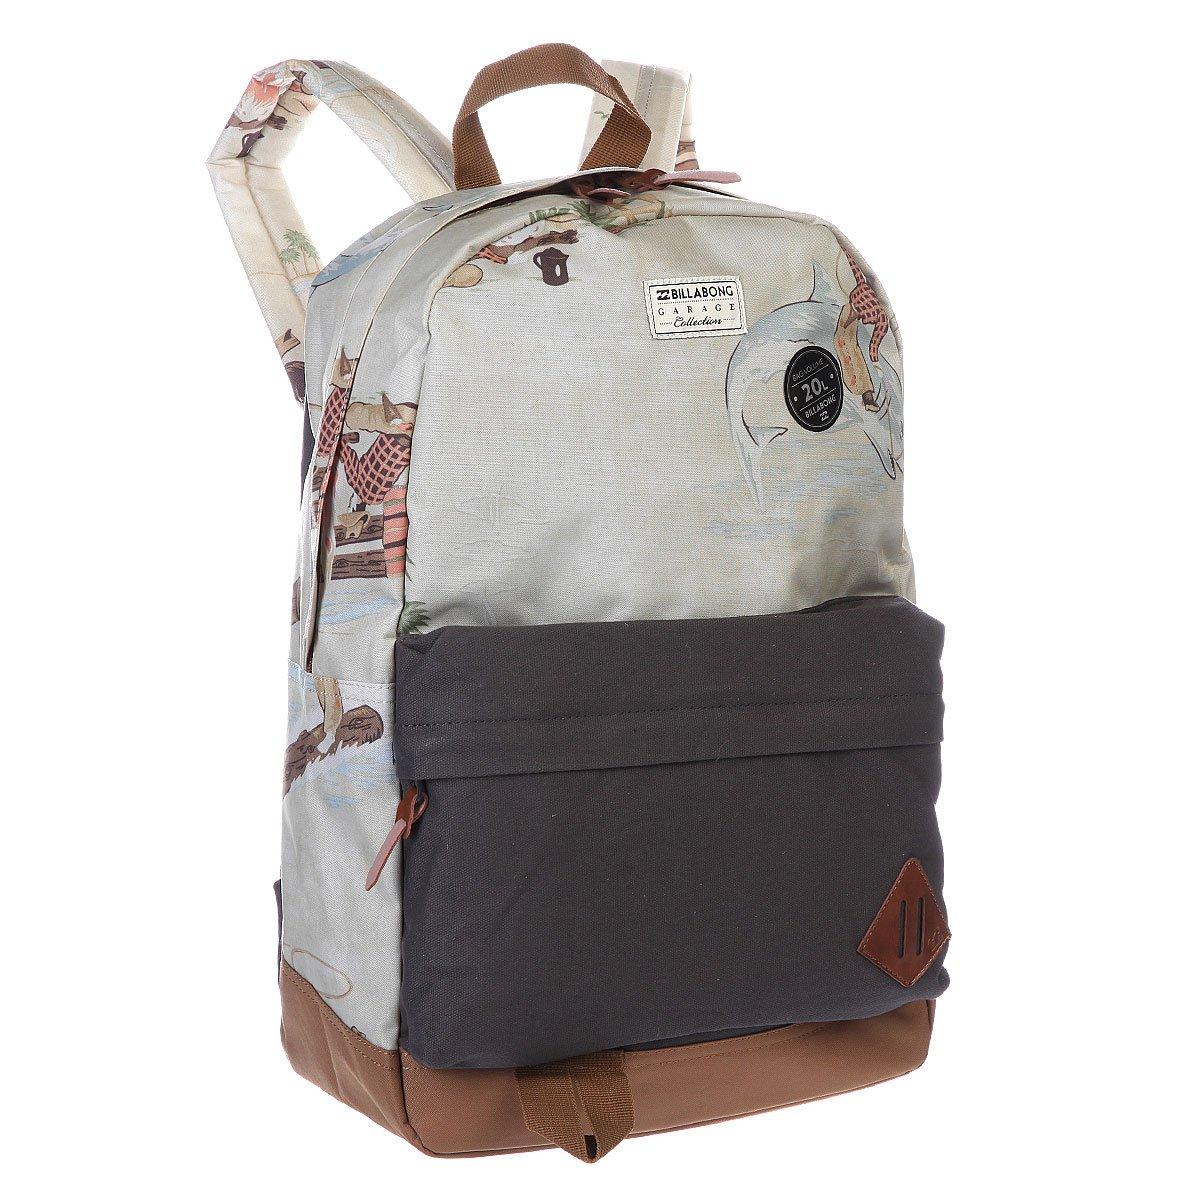 8f8c7315c29d Купить рюкзак городской Billabong York Backpack Vintage в интернет ...